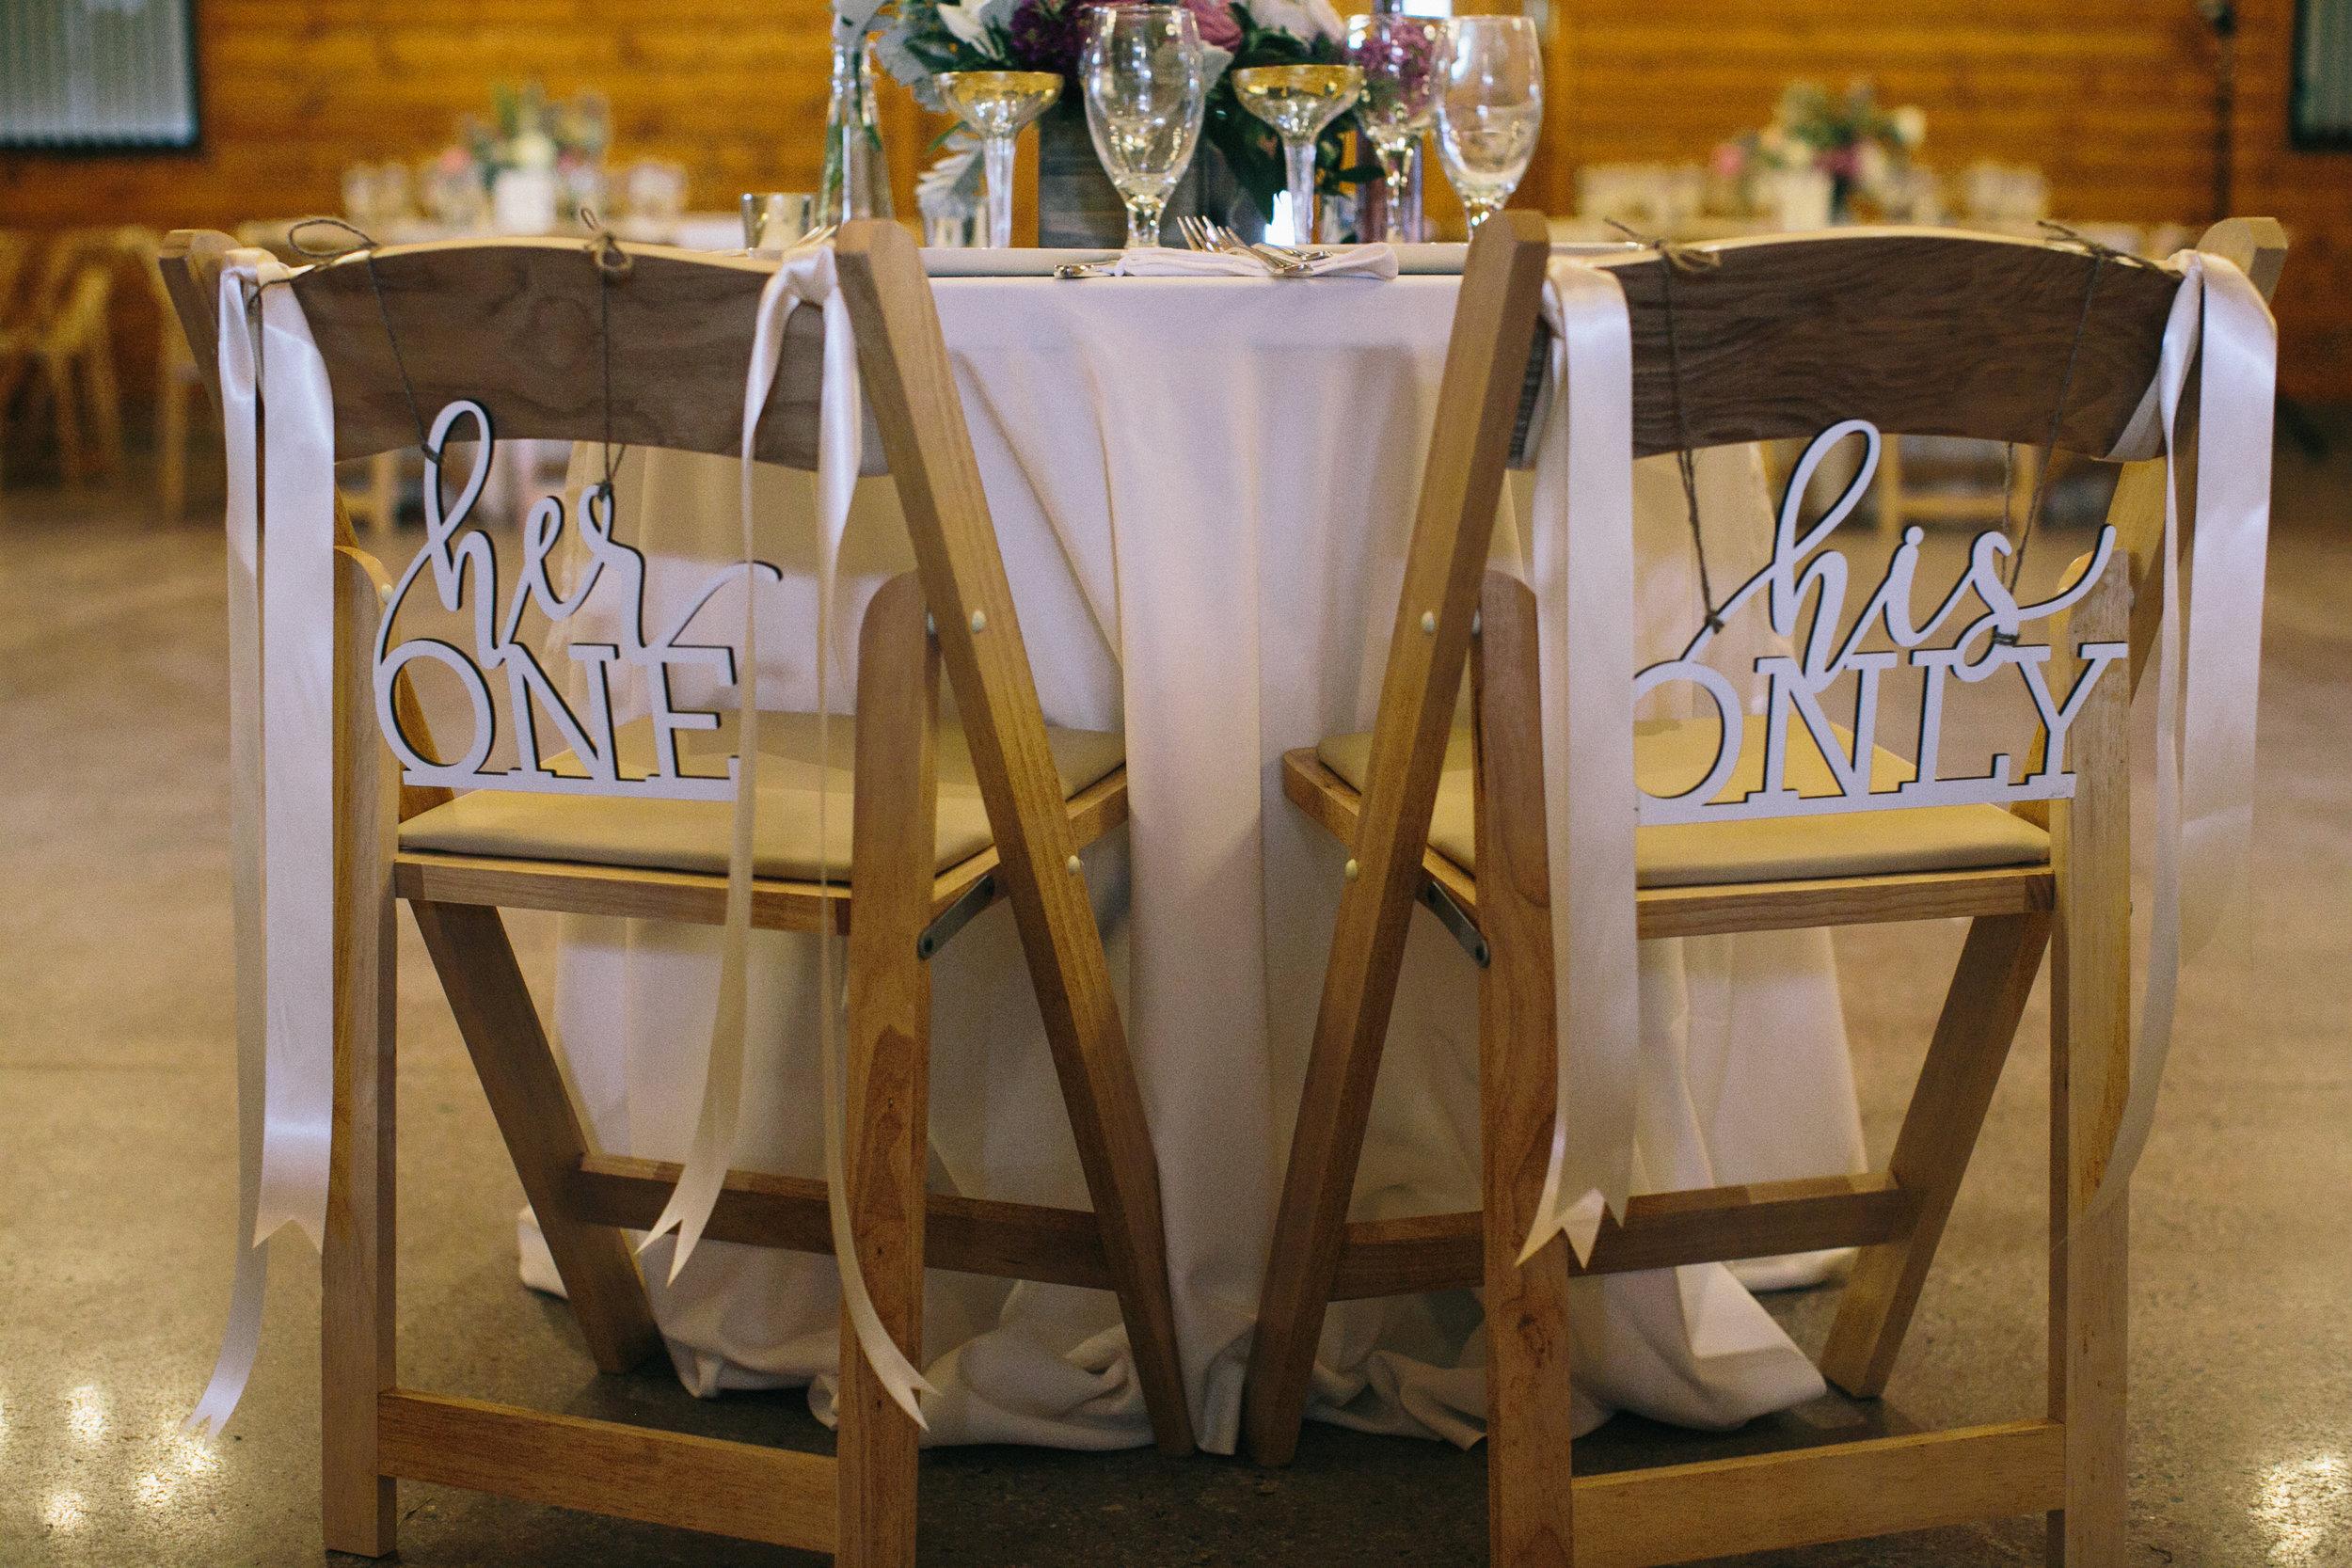 339_Jared_Kristen_wedding.jpg